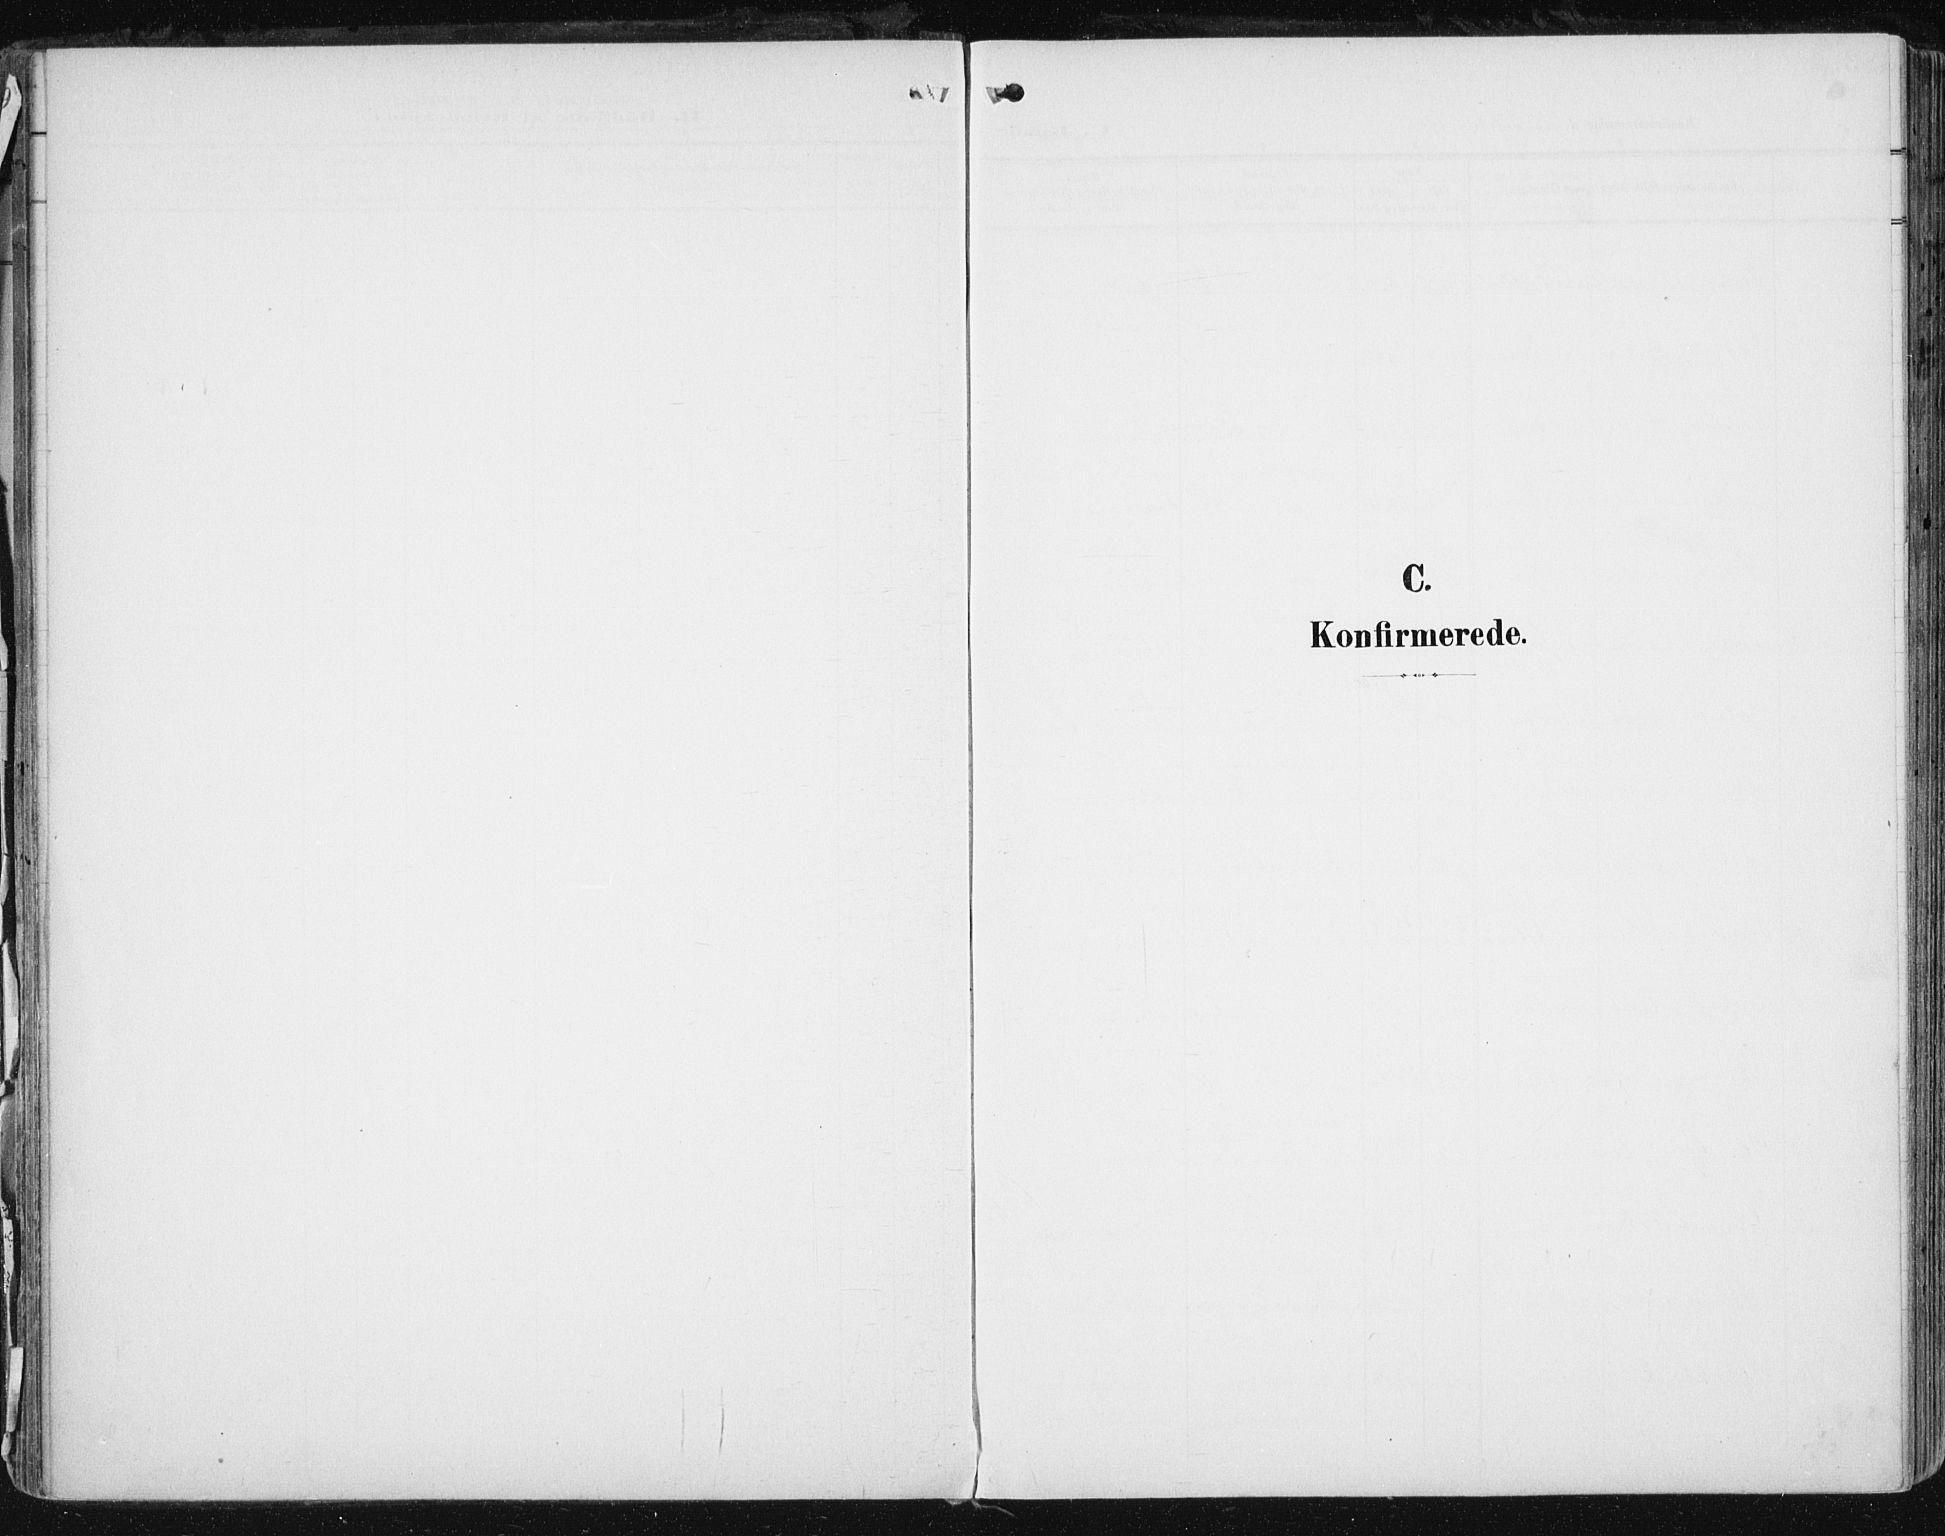 SAT, Ministerialprotokoller, klokkerbøker og fødselsregistre - Sør-Trøndelag, 646/L0616: Ministerialbok nr. 646A14, 1900-1918